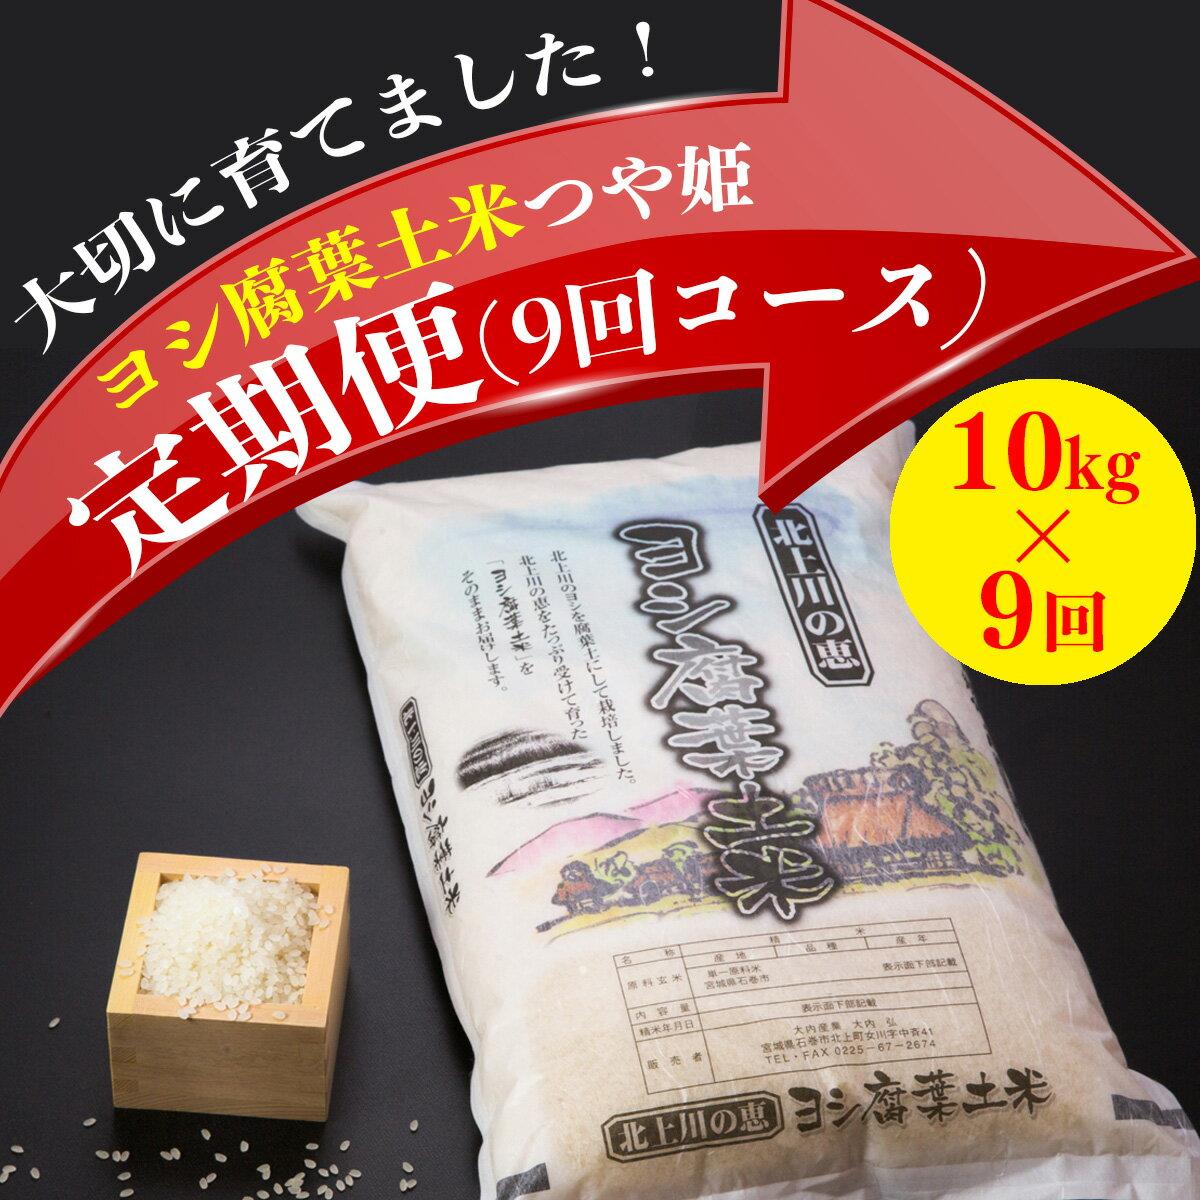 【ふるさと納税】『定期配送』ヨシ腐葉土米 90kg(つや姫)【美味しいお米を毎月10kg×9回に渡りお届け!】